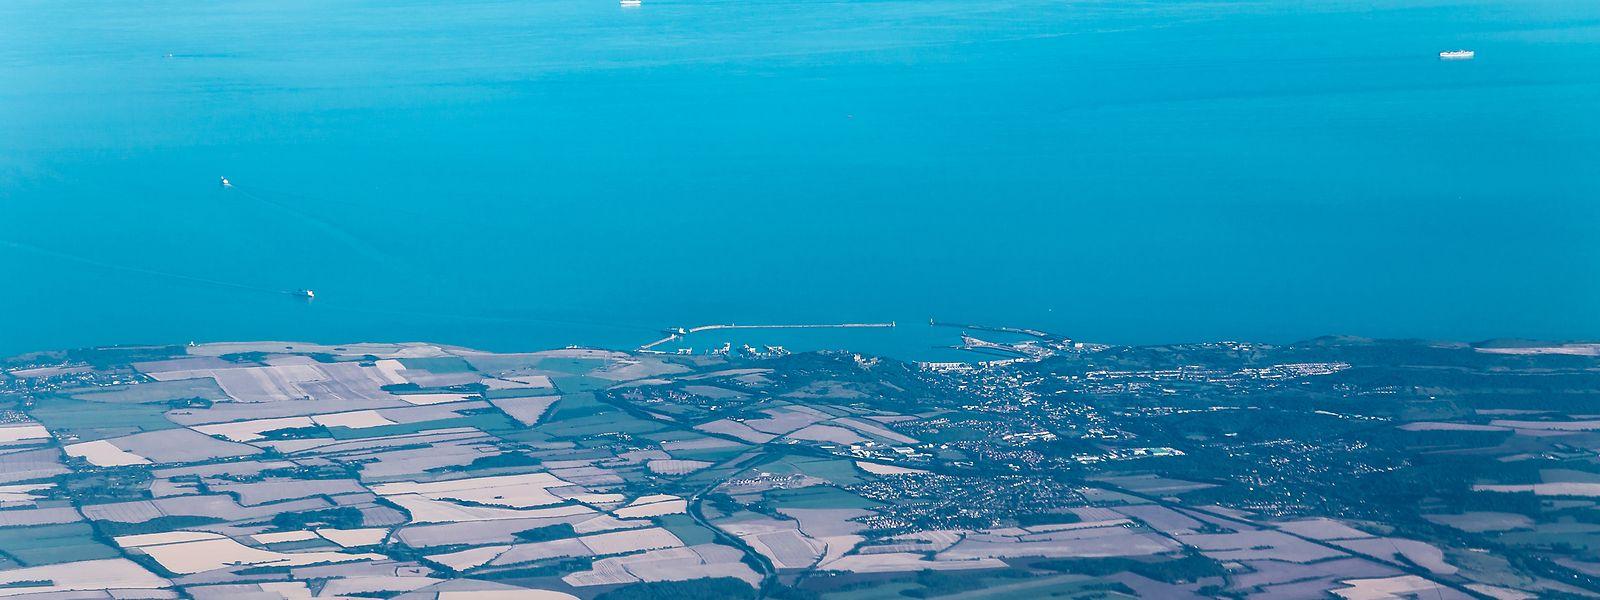 Eine Landbrücke zwischen Calais und Dover (unten) verband den europäischen Kontinent mit den britischen Inseln. Diese Verbindung wurde vor 450.000 Jahren erstmals gekappt.